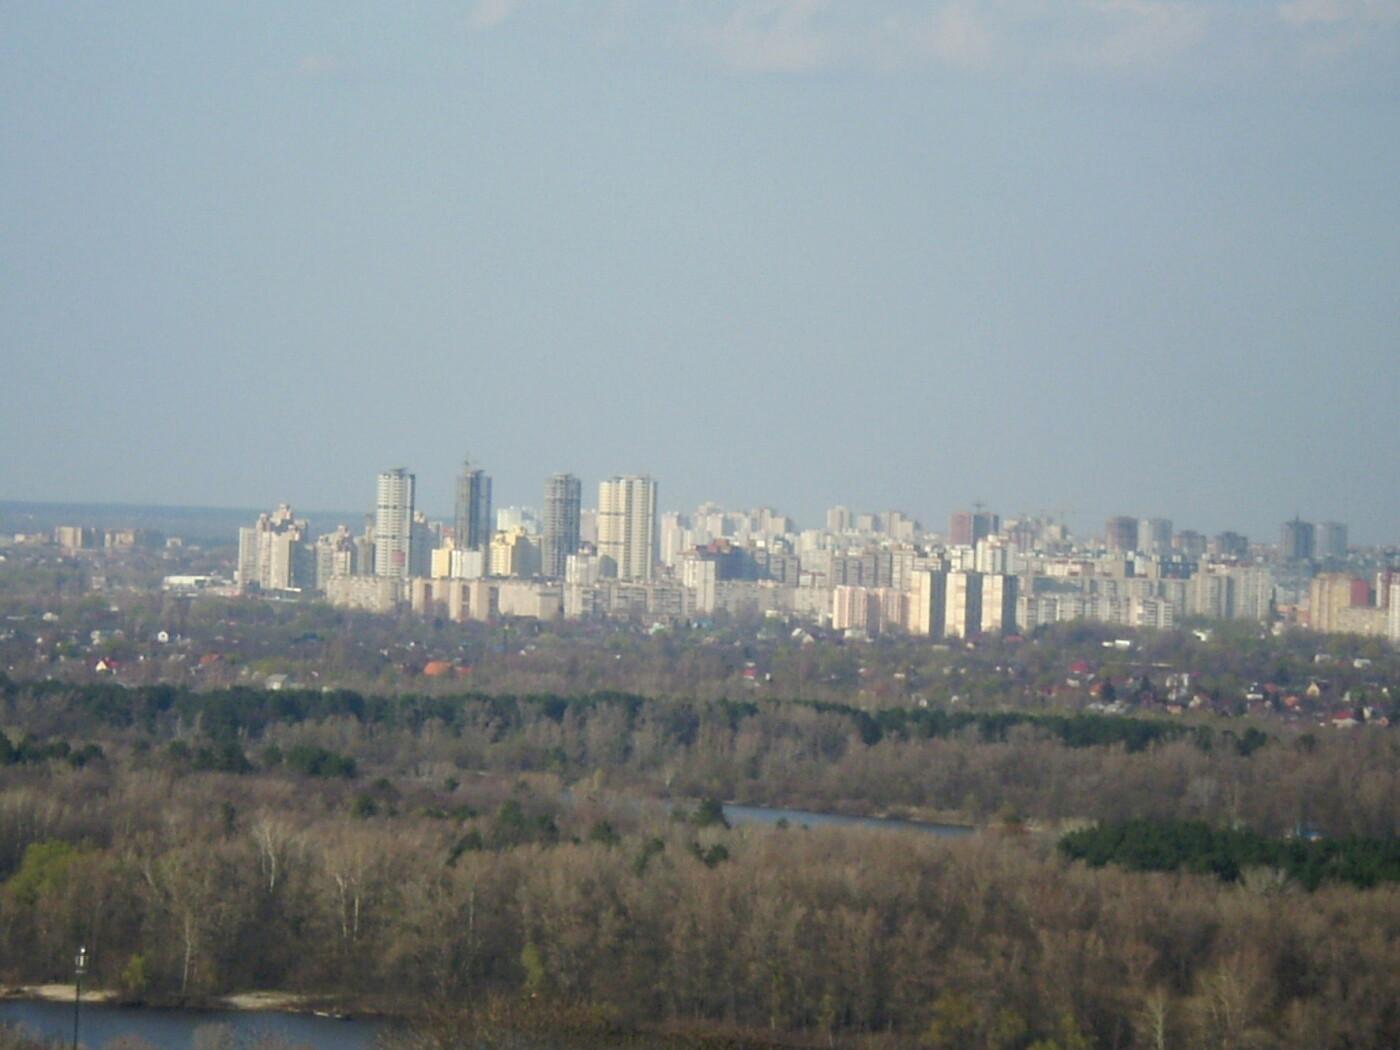 Появился рейтинг районов Киева с самым чистым воздухом, Фото: Википедия